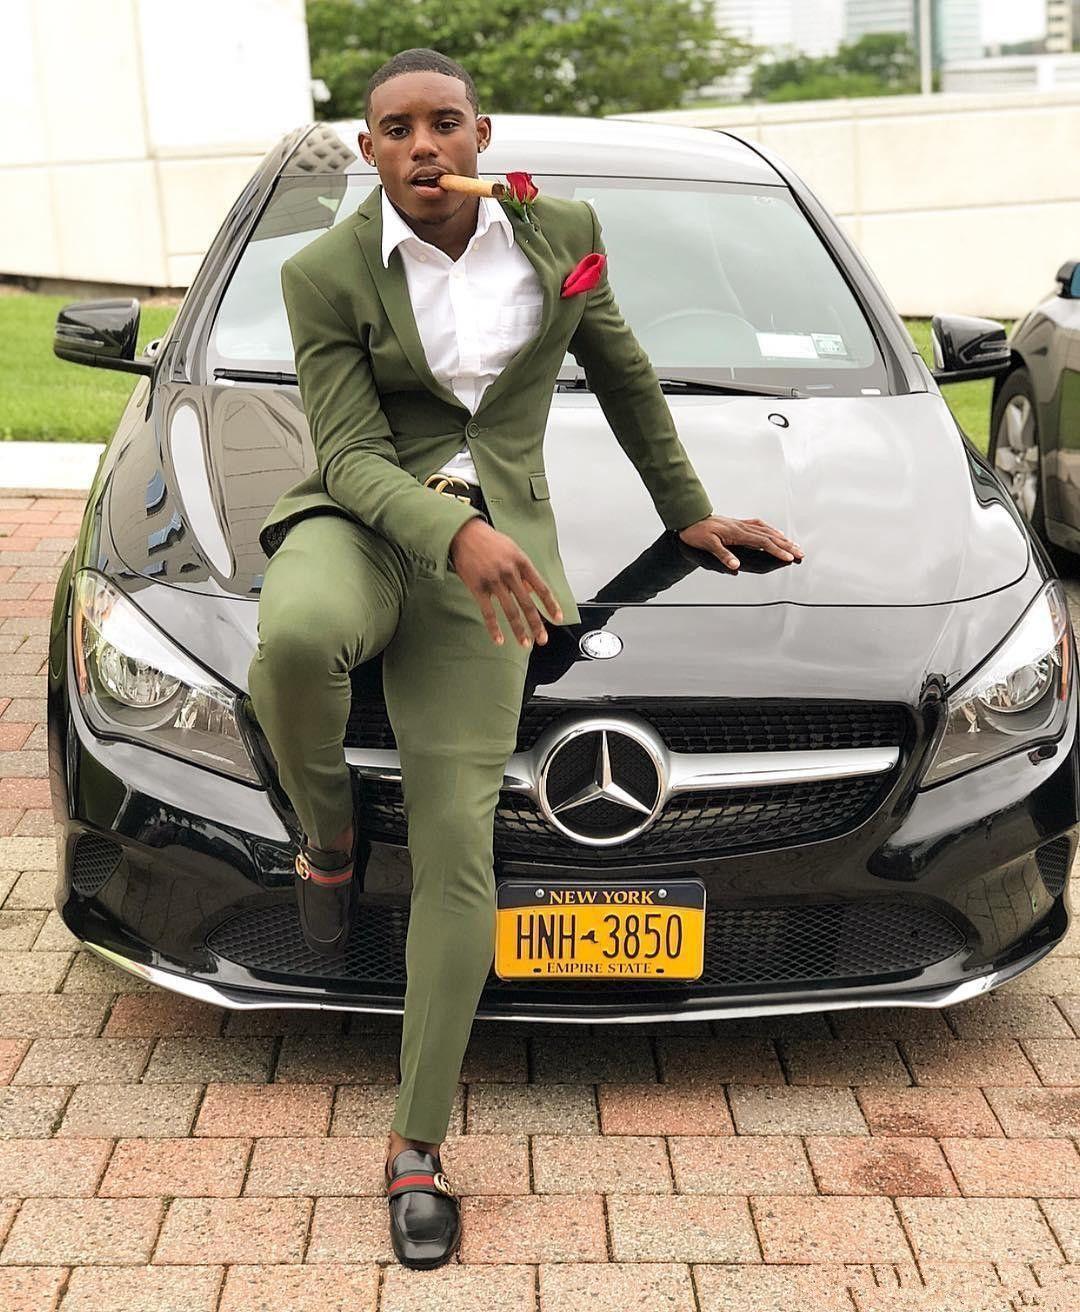 2019 Pareja de baile barato de oliva para hombre verde de la boda juegos delgados caber dos pedazos de los padrinos de boda esmoquin para los hombres Traje Formal Prom (chaqueta + pantalones)